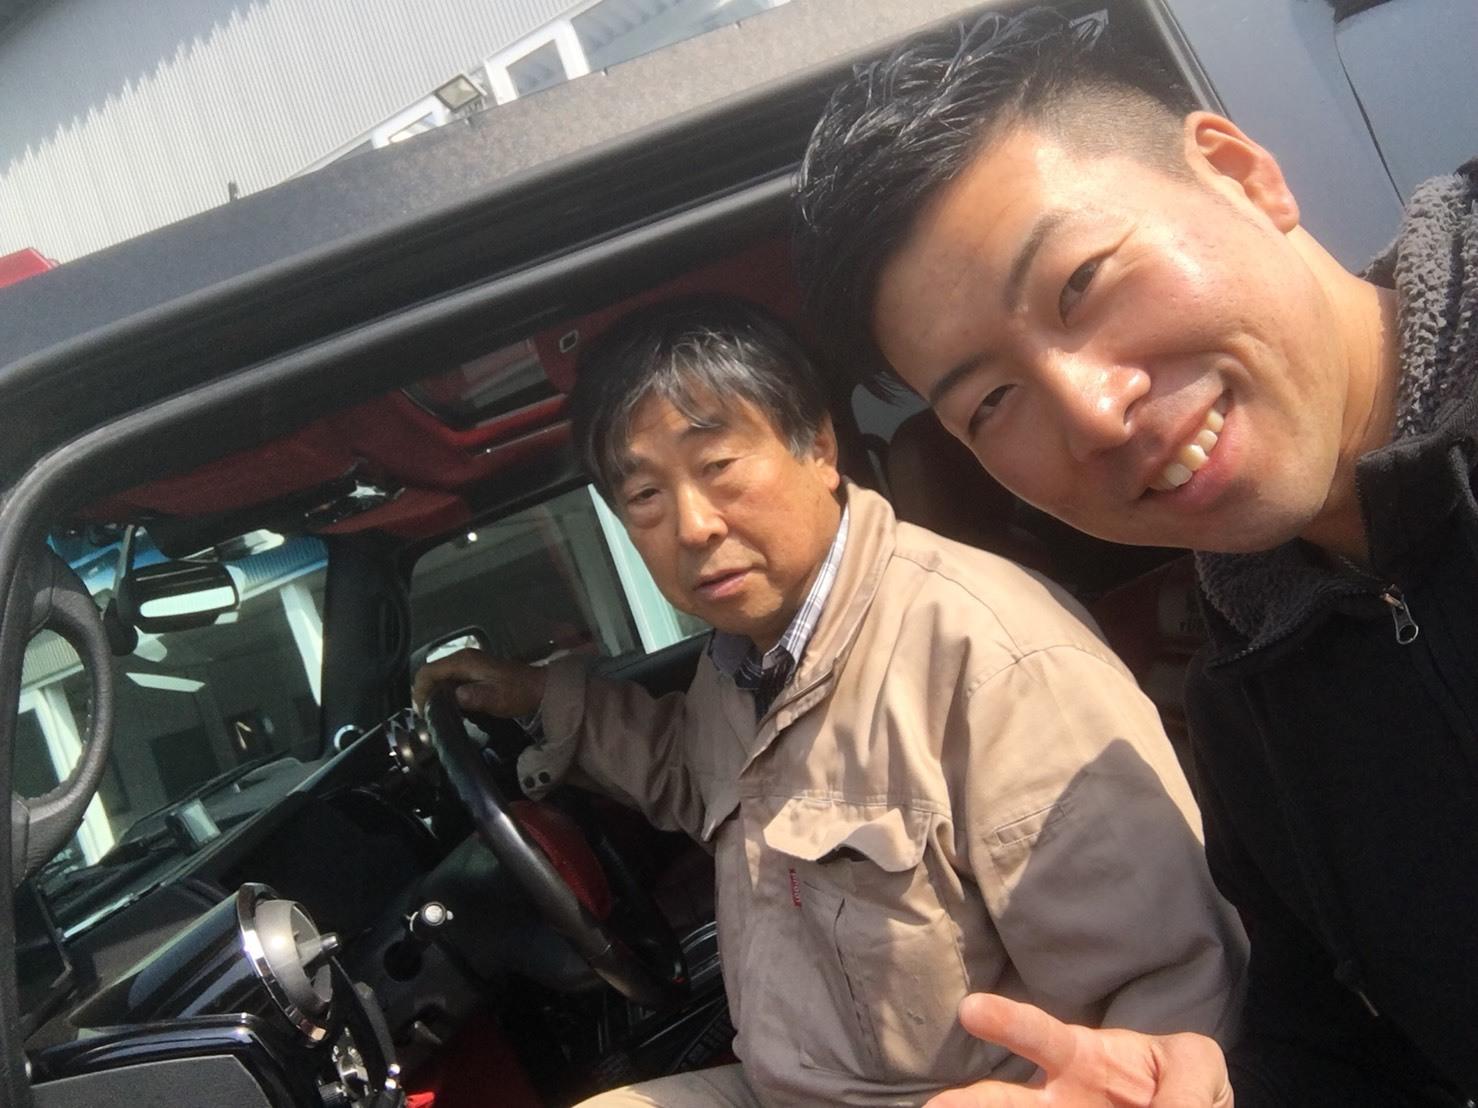 4月23日(月)トミーベース カスタムブログ☆S様キャンバス O様フォレスタ納車☆_b0127002_12320924.jpg